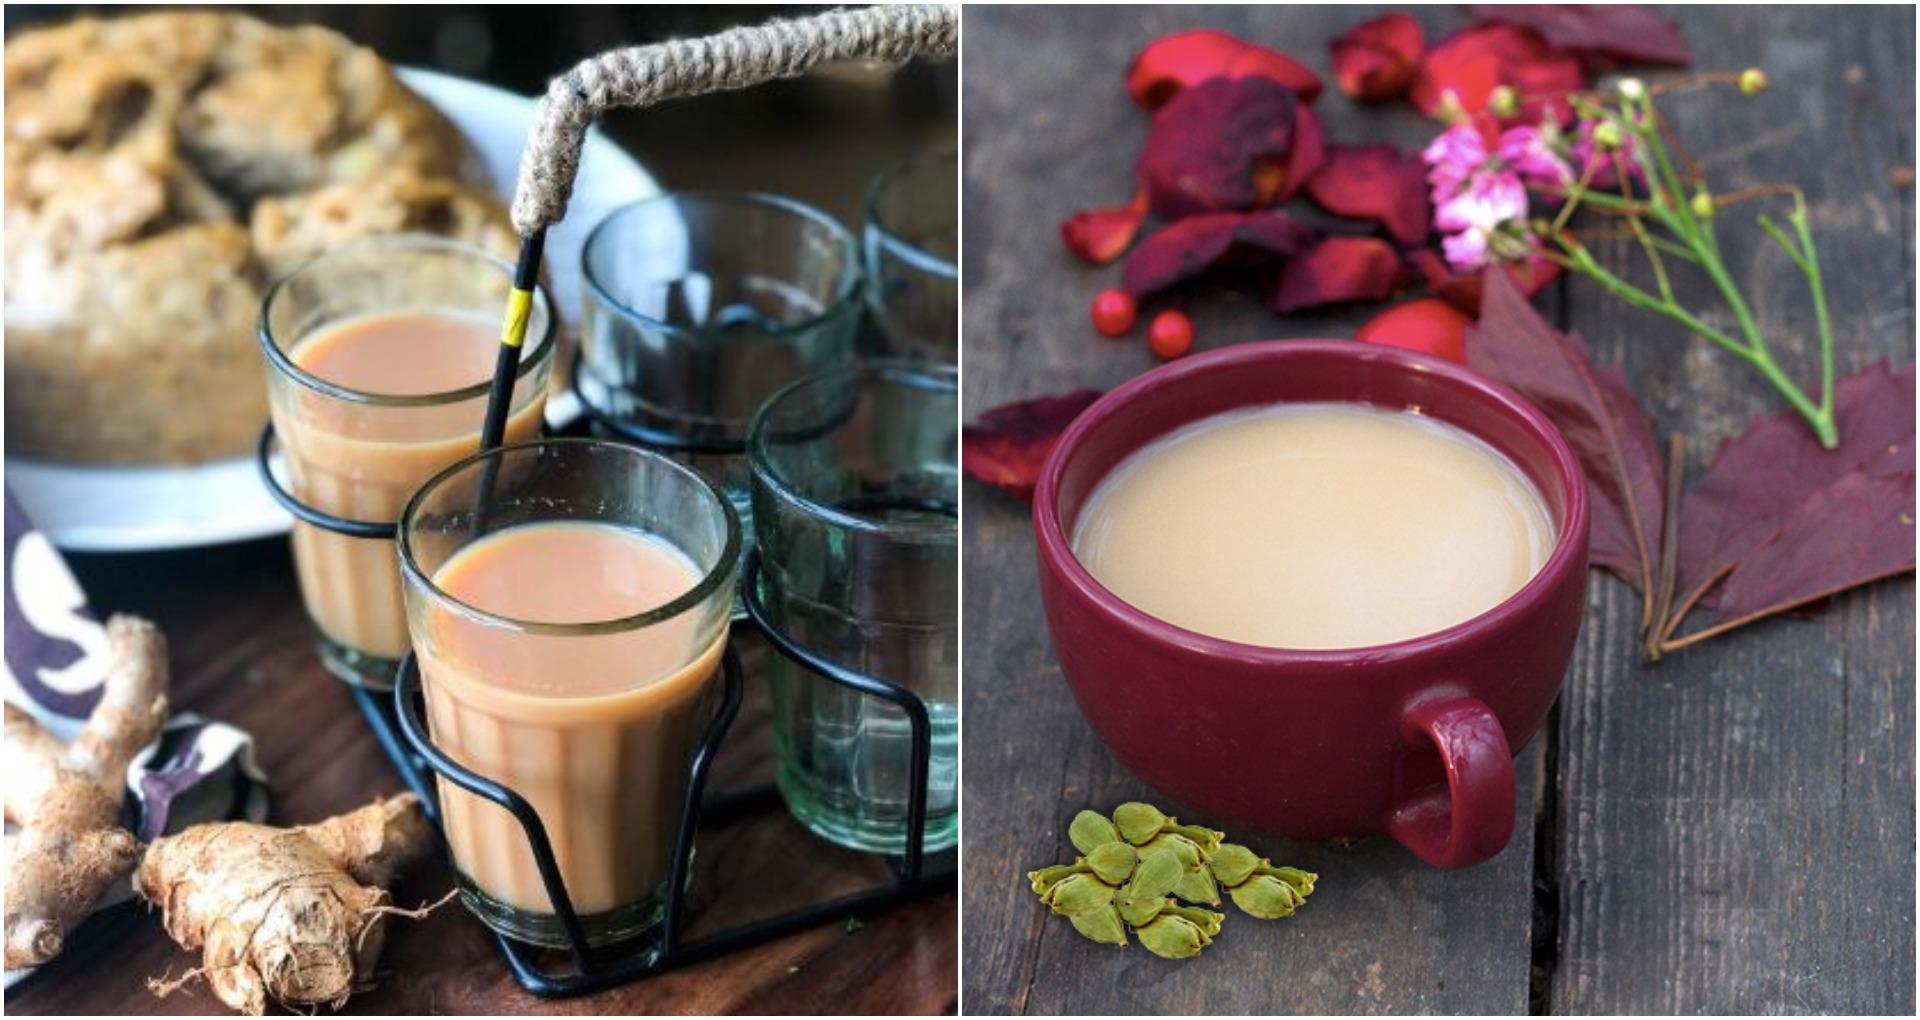 Lockdown के बीच घर पर रहकर आप आसानी से बना सकते हैं ये पांच तरह की चाय, जानिए बनाने के तरीके